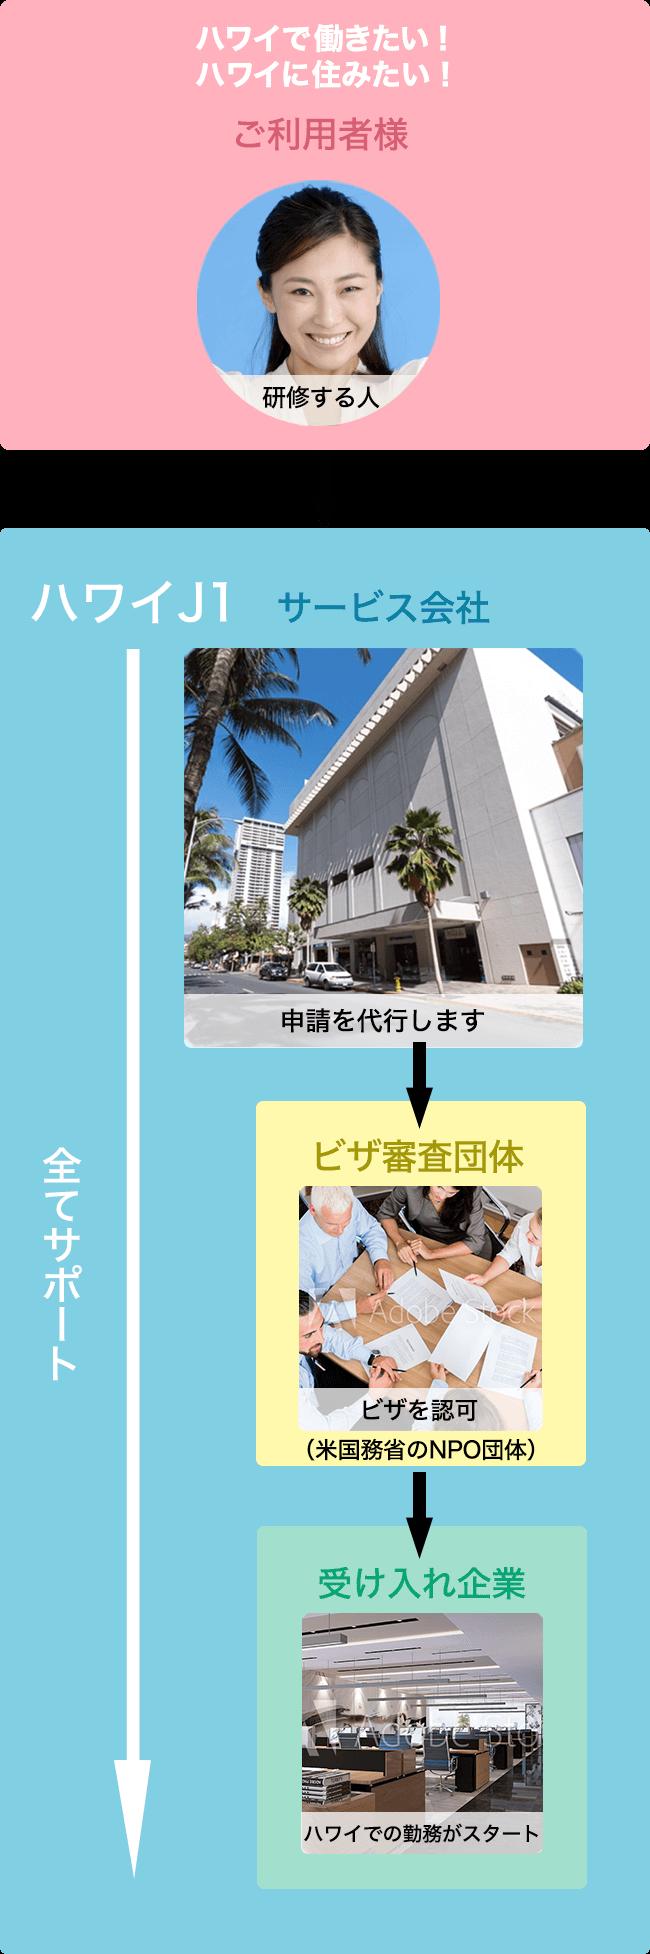 ハワイJ1 ビザ申請の流れ